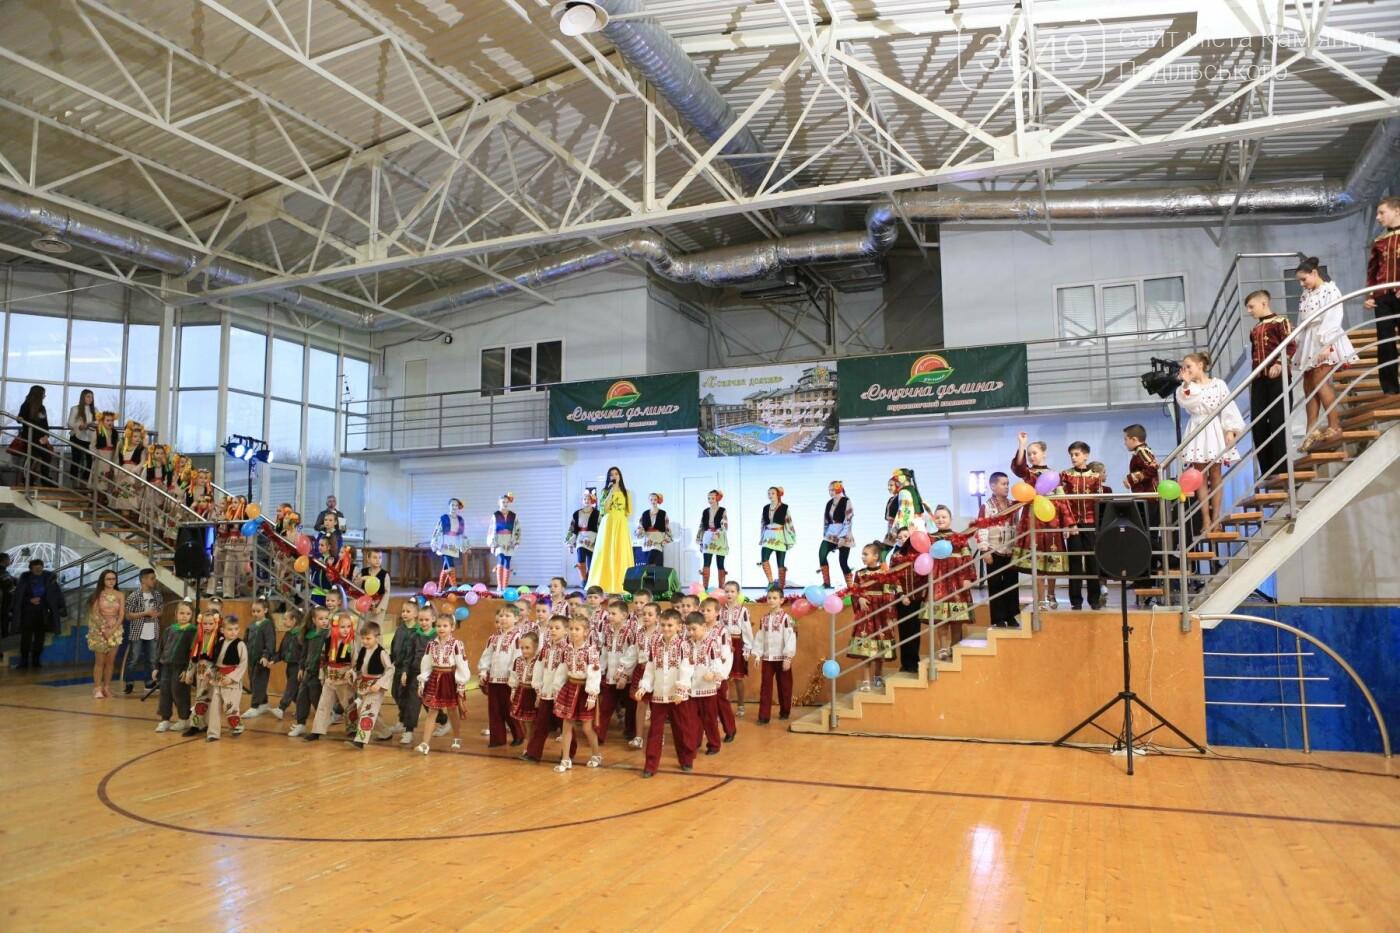 Танцювальний колектив із Кам'янця став лауреатом I премії на Міжнародному фестивалі, фото-7